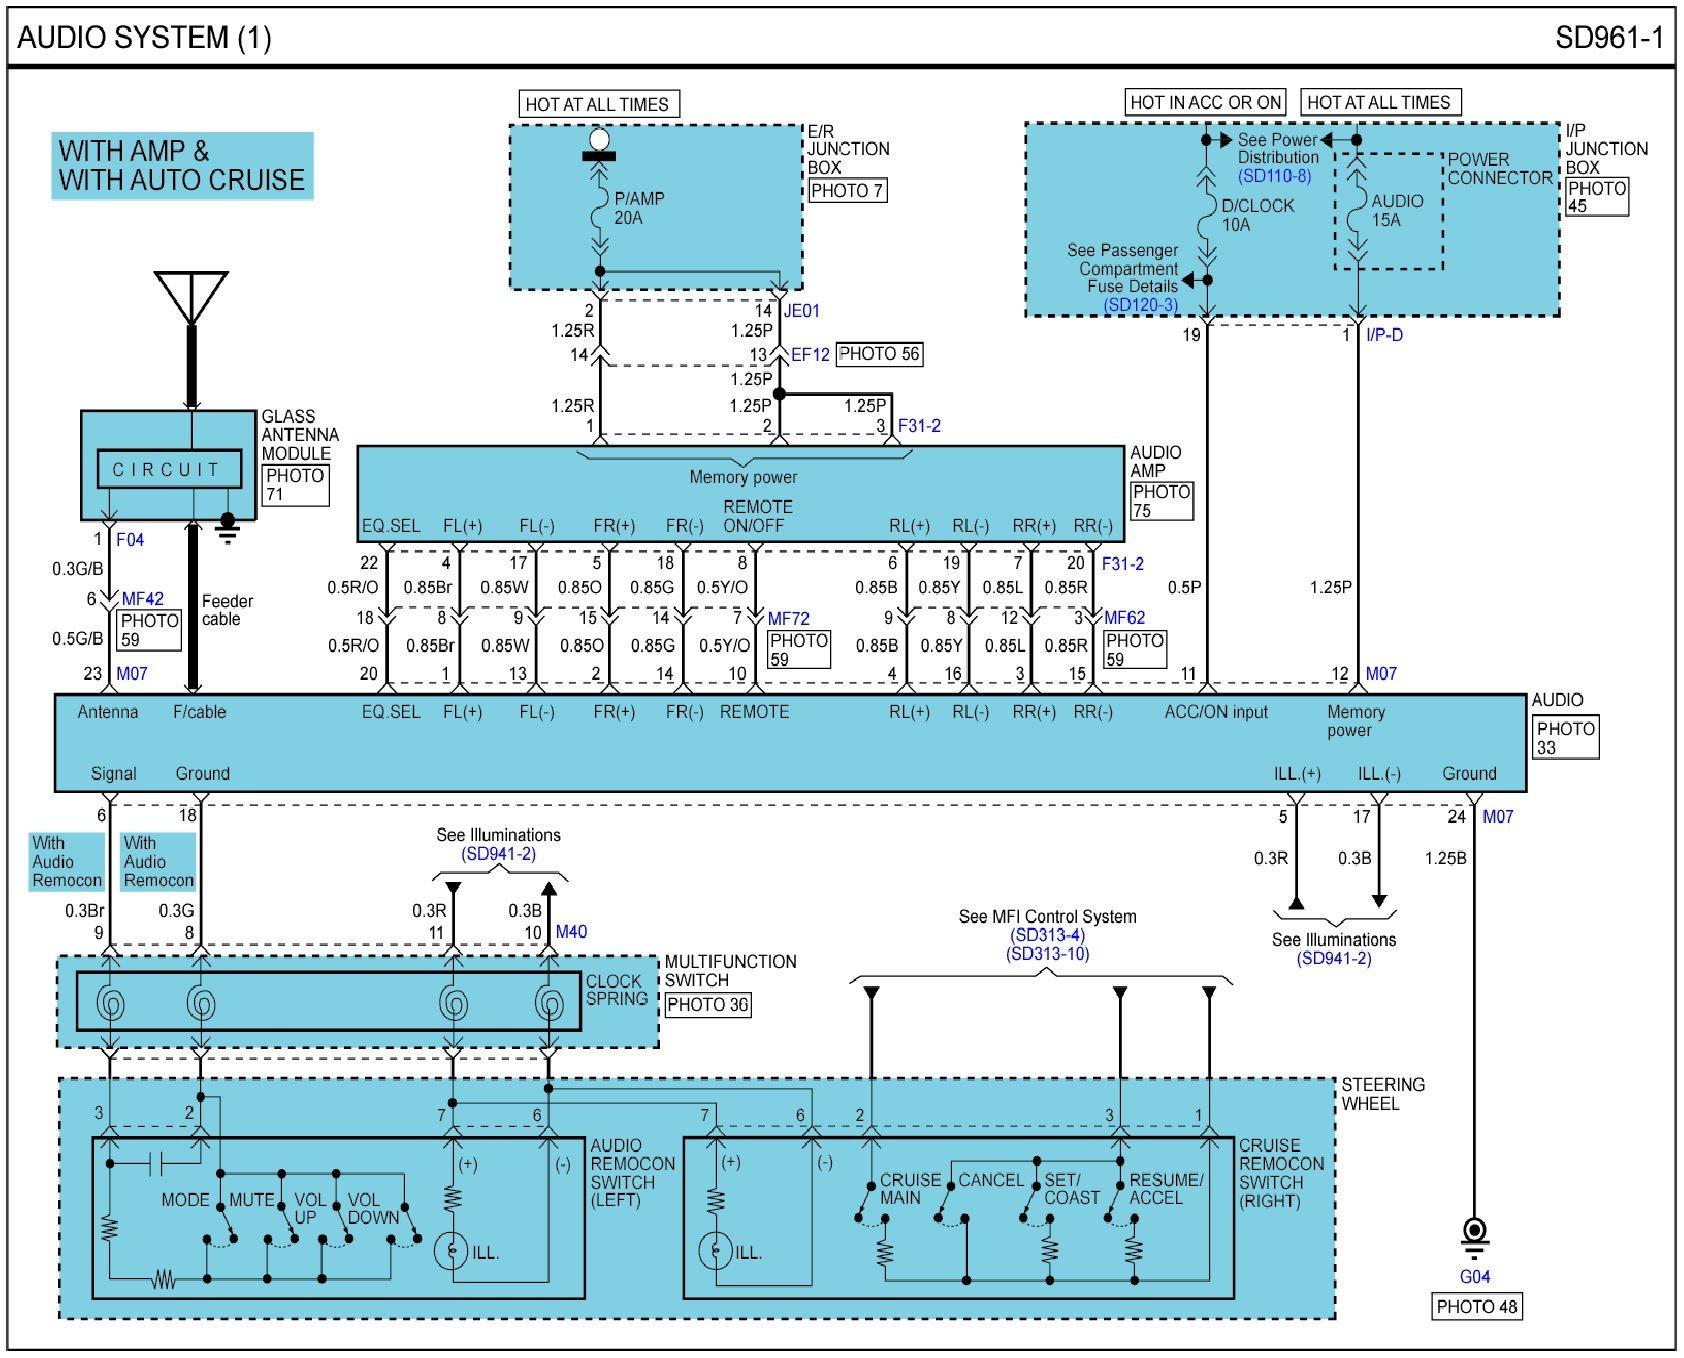 2012 Kia Optima Radio Wiring Diagram